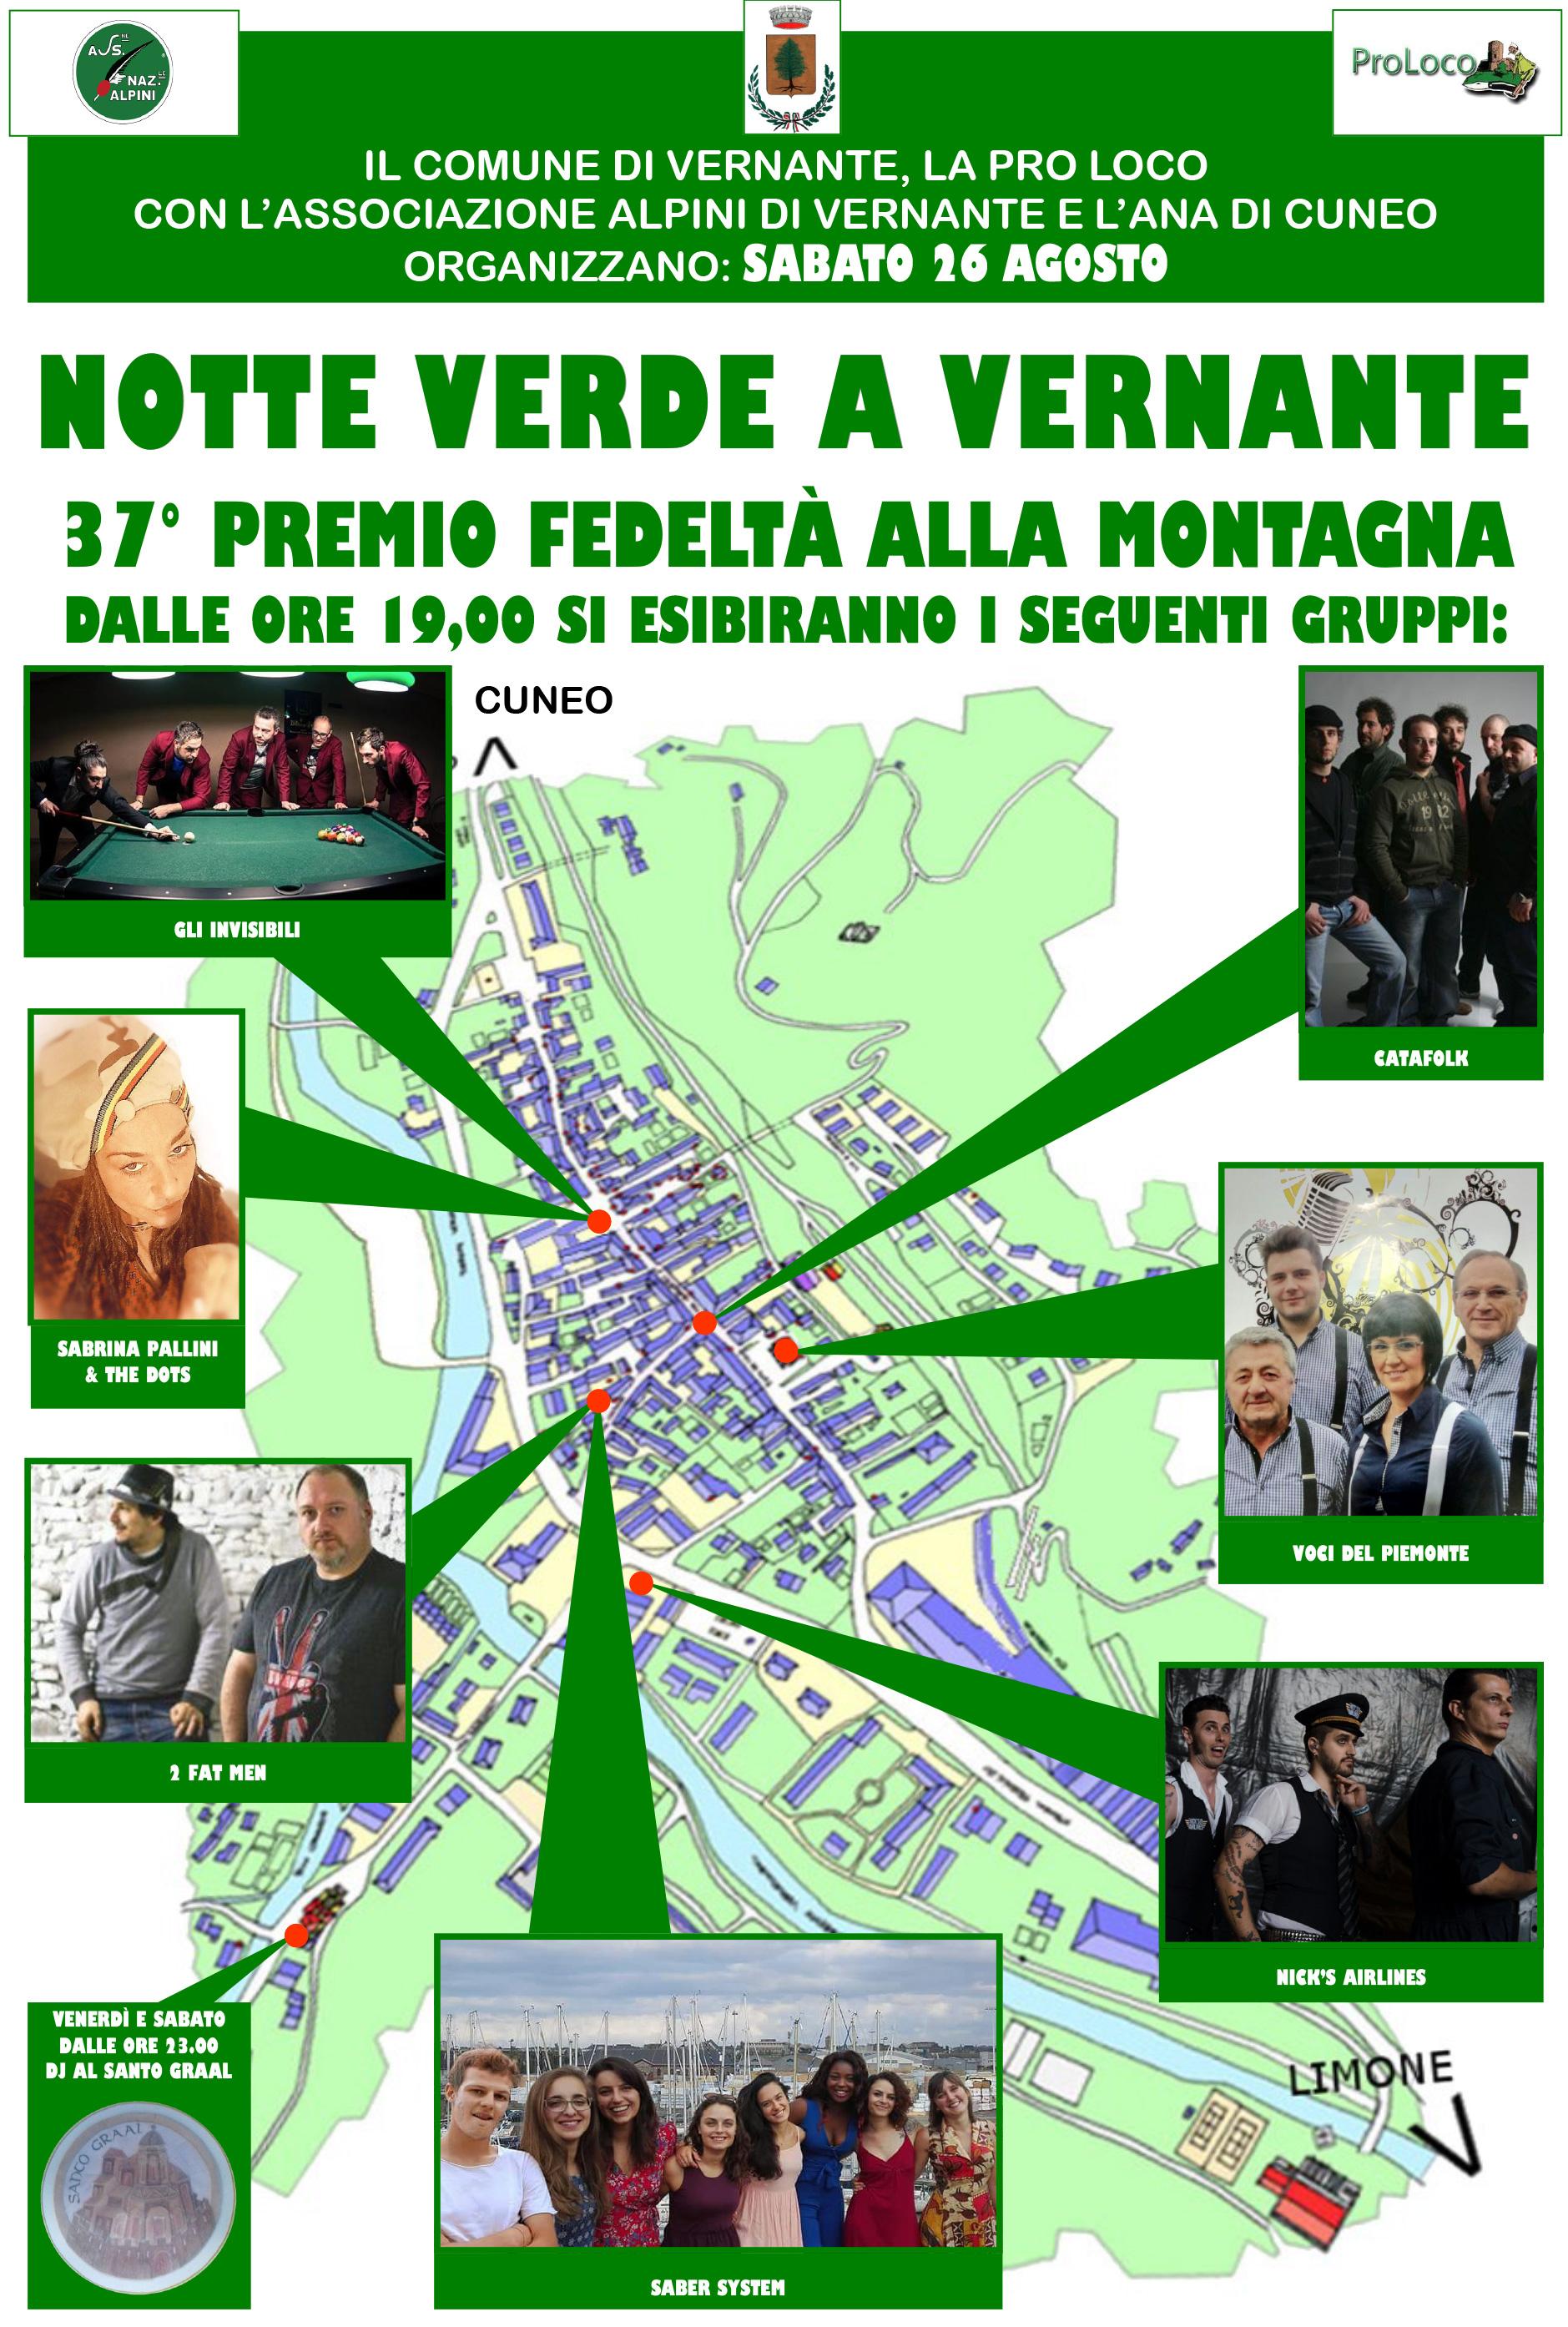 Appuntamento a Vernante il 26 agosto con la Notte Verde